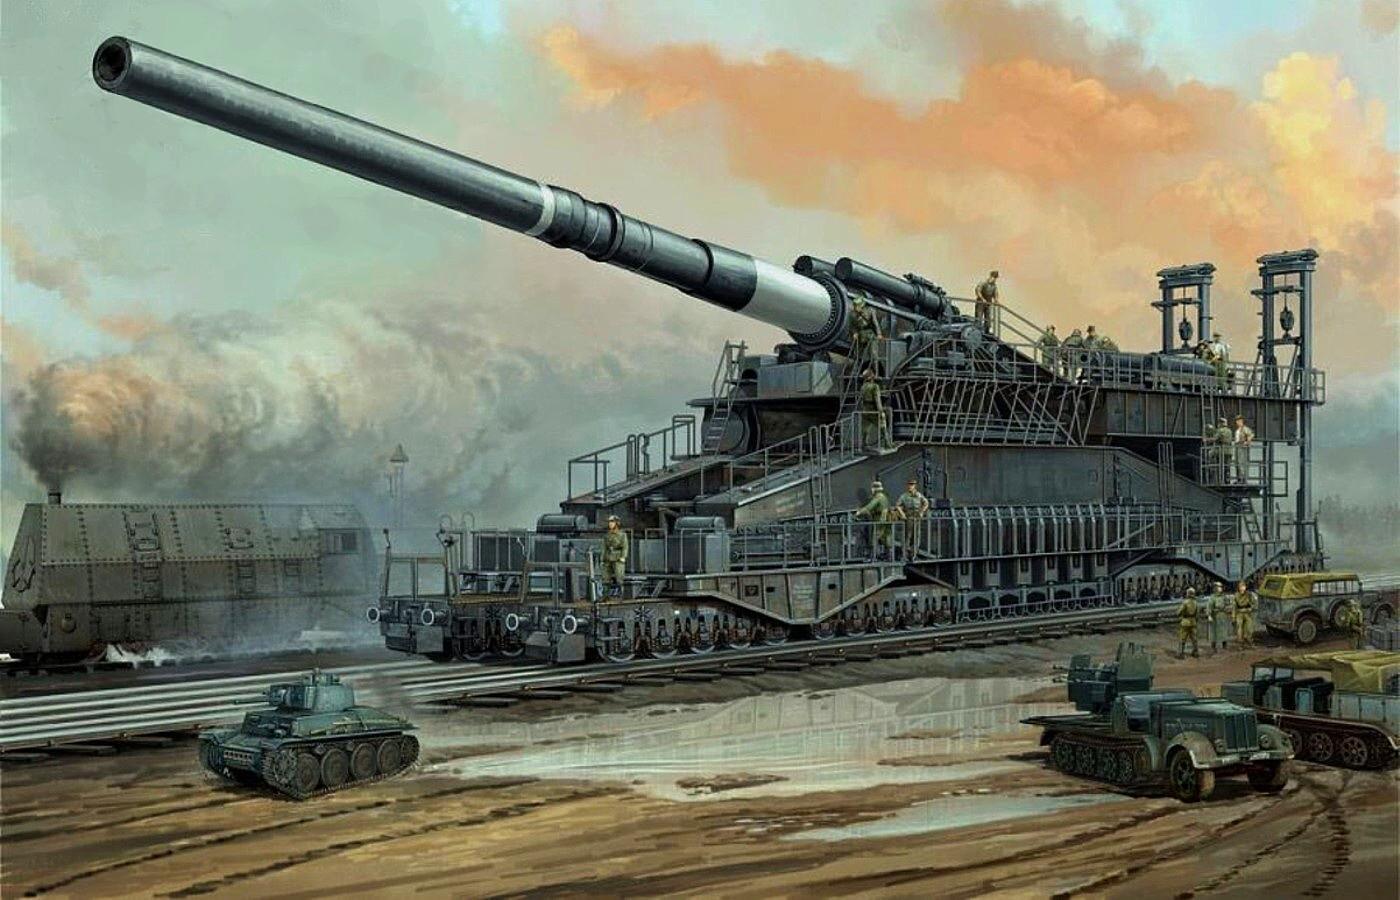 [Obrazek: Schwerer_Gustav_Rail_Cannon.jpg]